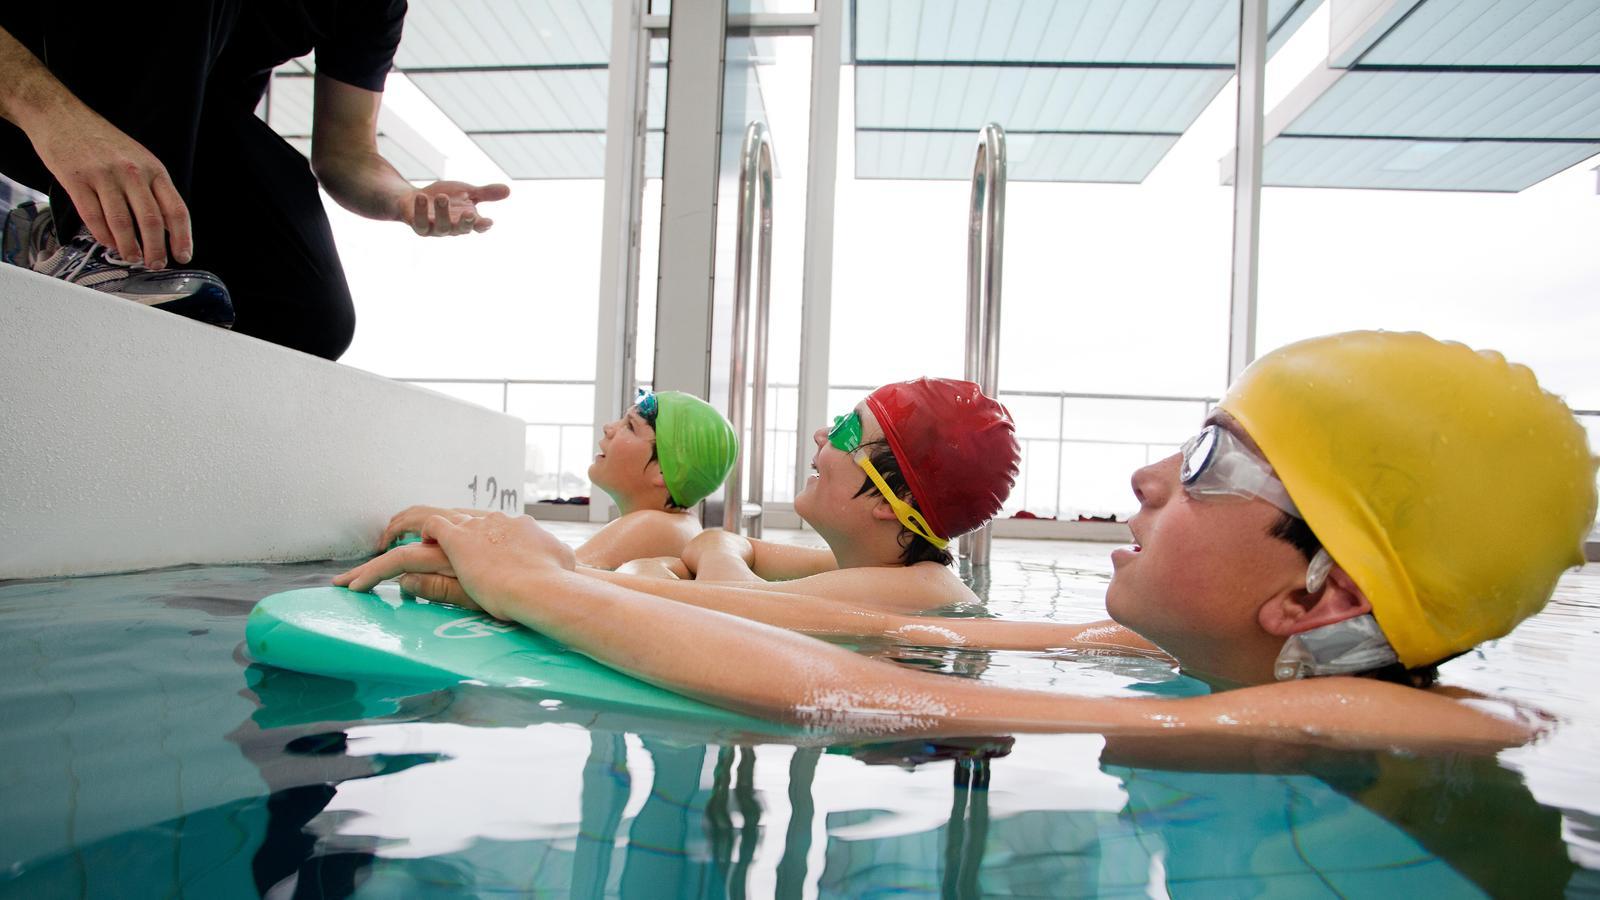 Un băiat purtând un dispozitiv rezistent la apă Nucleus participă la o lecție de înot